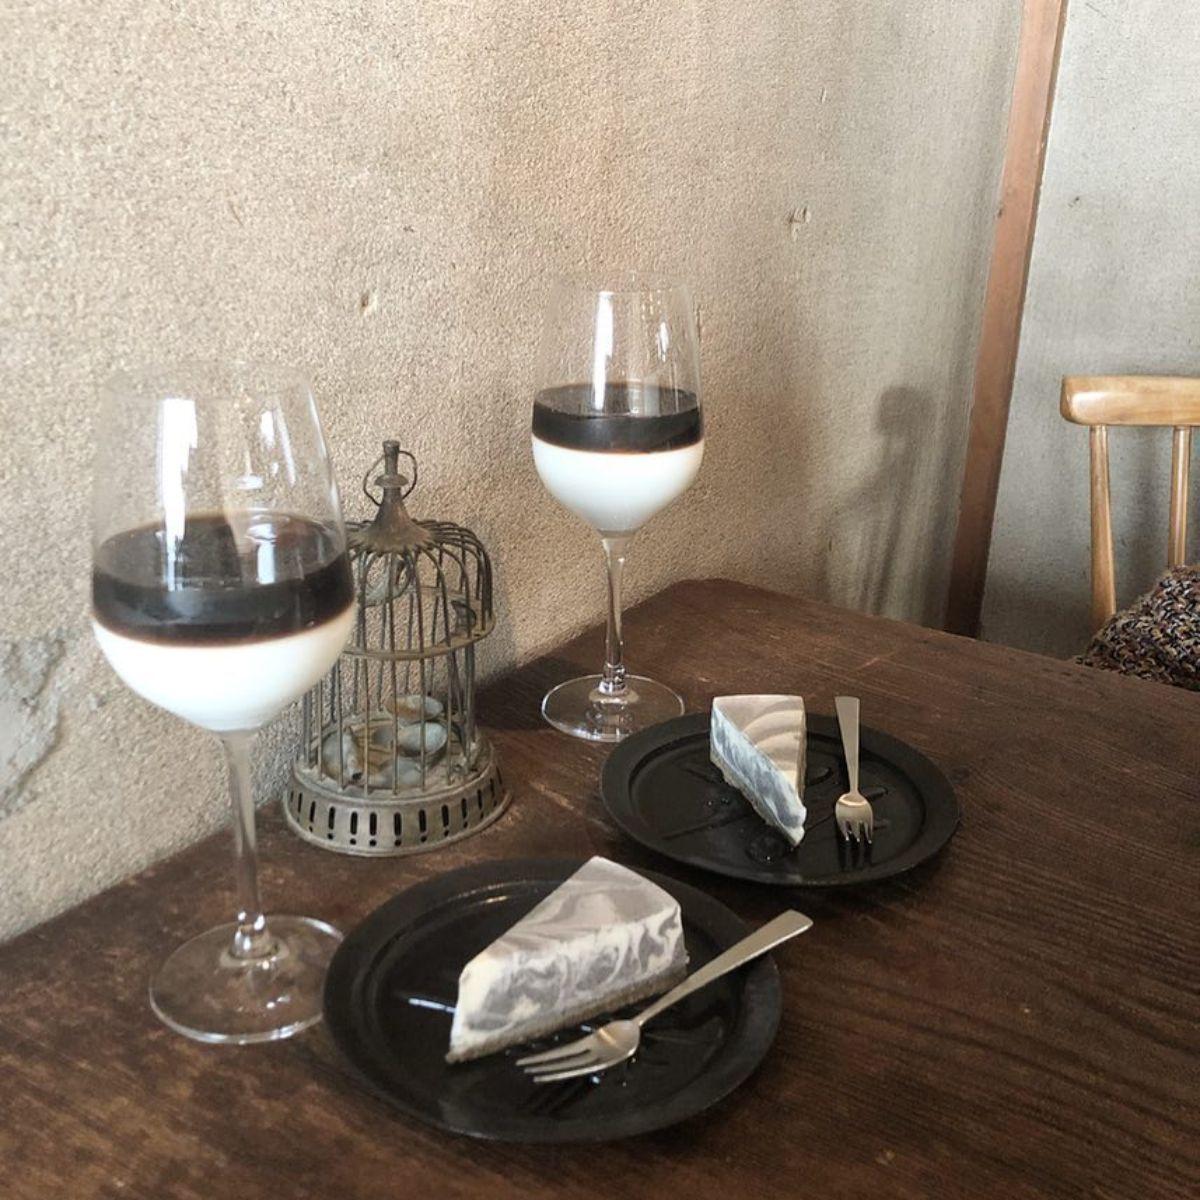 ワイングラスでオレグラッセを飲みたい!優雅で大人なカフェタイムを過ごせるカフェ7選♡